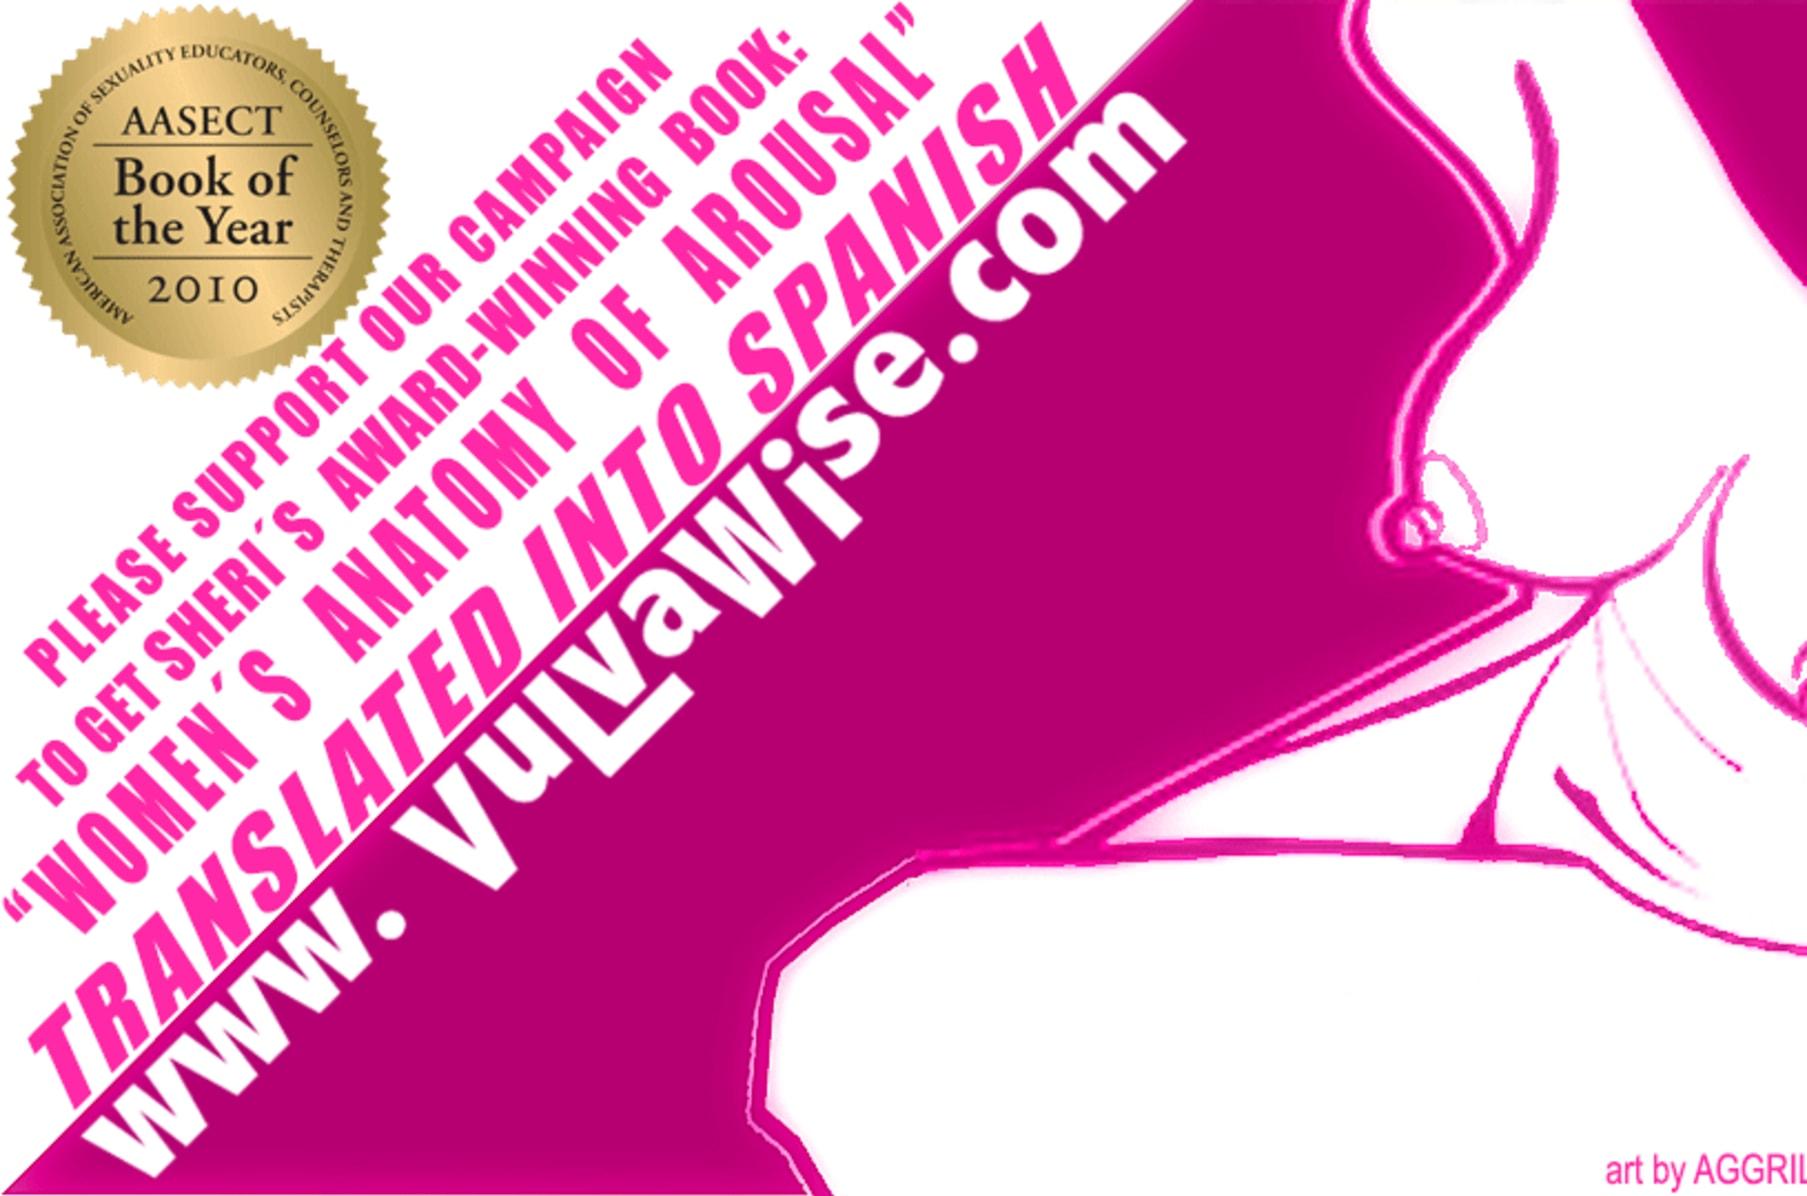 Spanish Version of Women's Anatomy of Arousal Book | Indiegogo